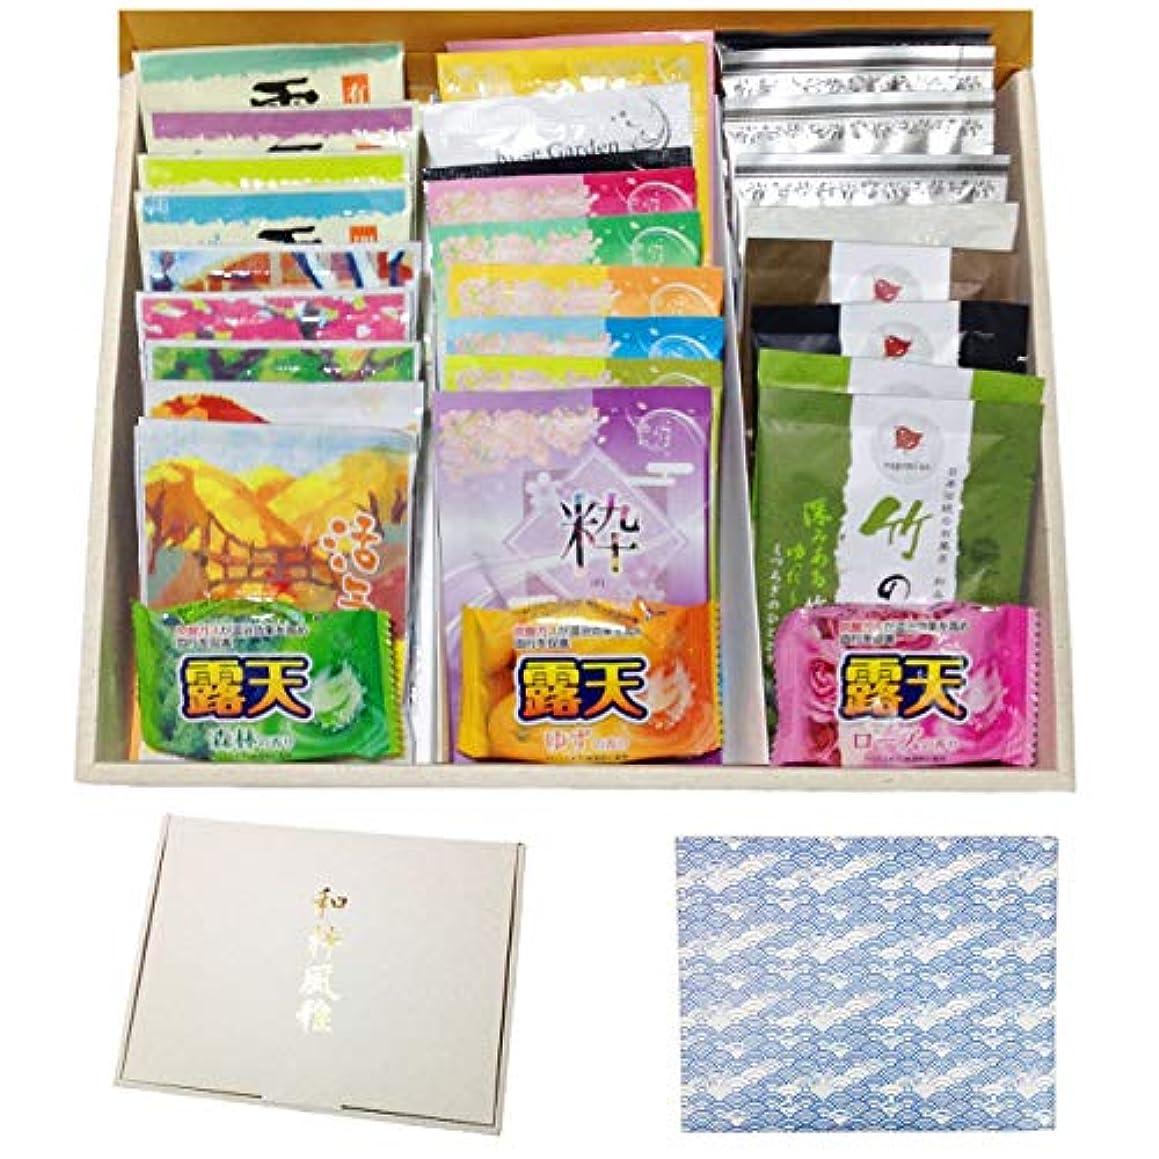 楽な覚えているアウター入浴剤 ギフト セット 日本製 温泉 炭酸 つめあわせ バスギフト プレゼント 30種類/50種類 (50個50種類)